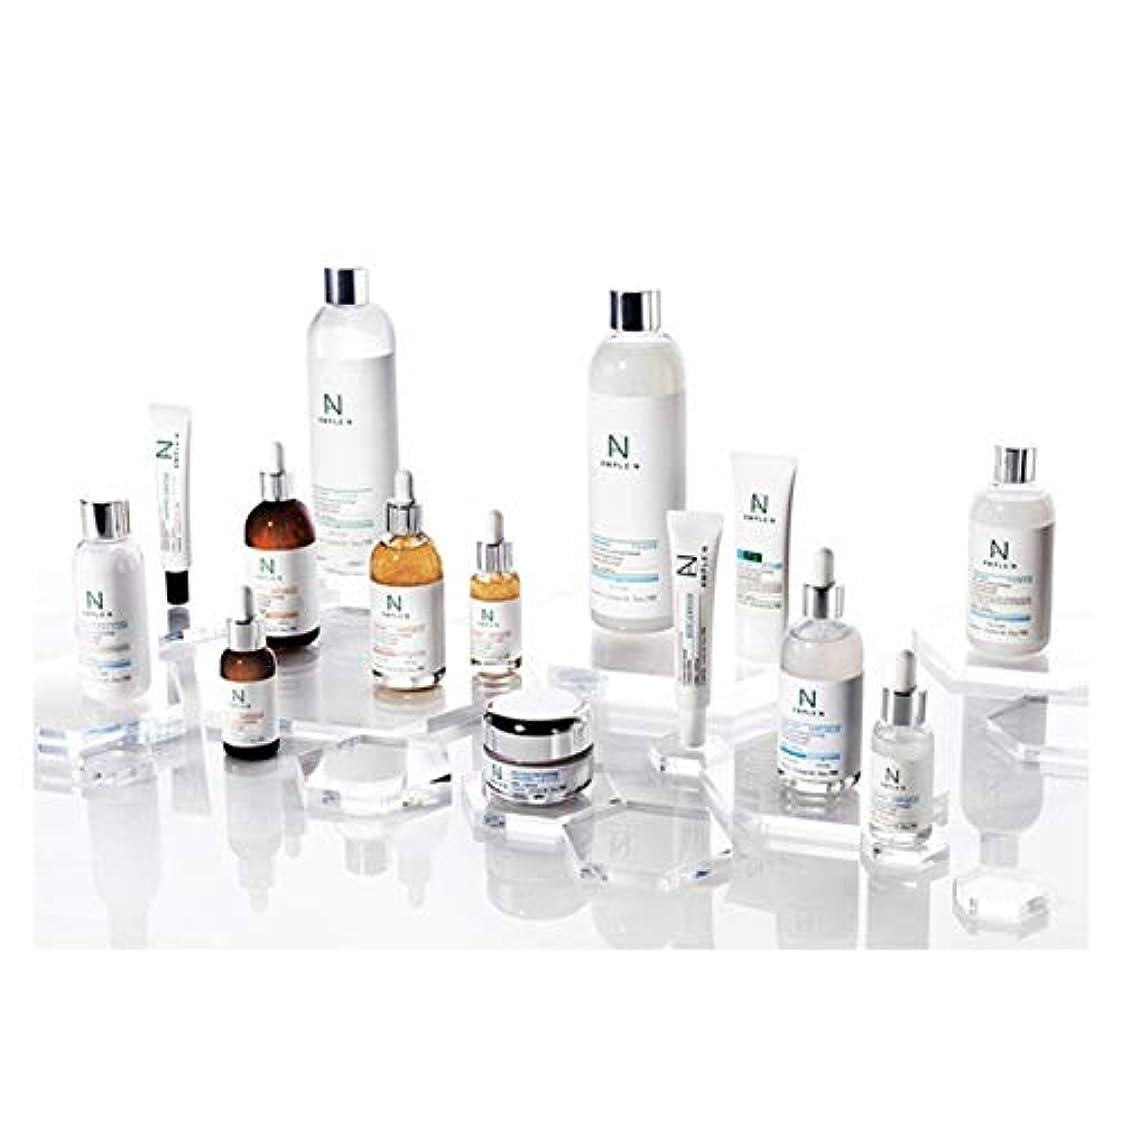 分類比類なき鮮やかなアンプルNセラマイドショットアンプル100ml韓国コスメ、Ample N Ceramide Shot Ampoule 100ml Korean Cosmetics [並行輸入品]